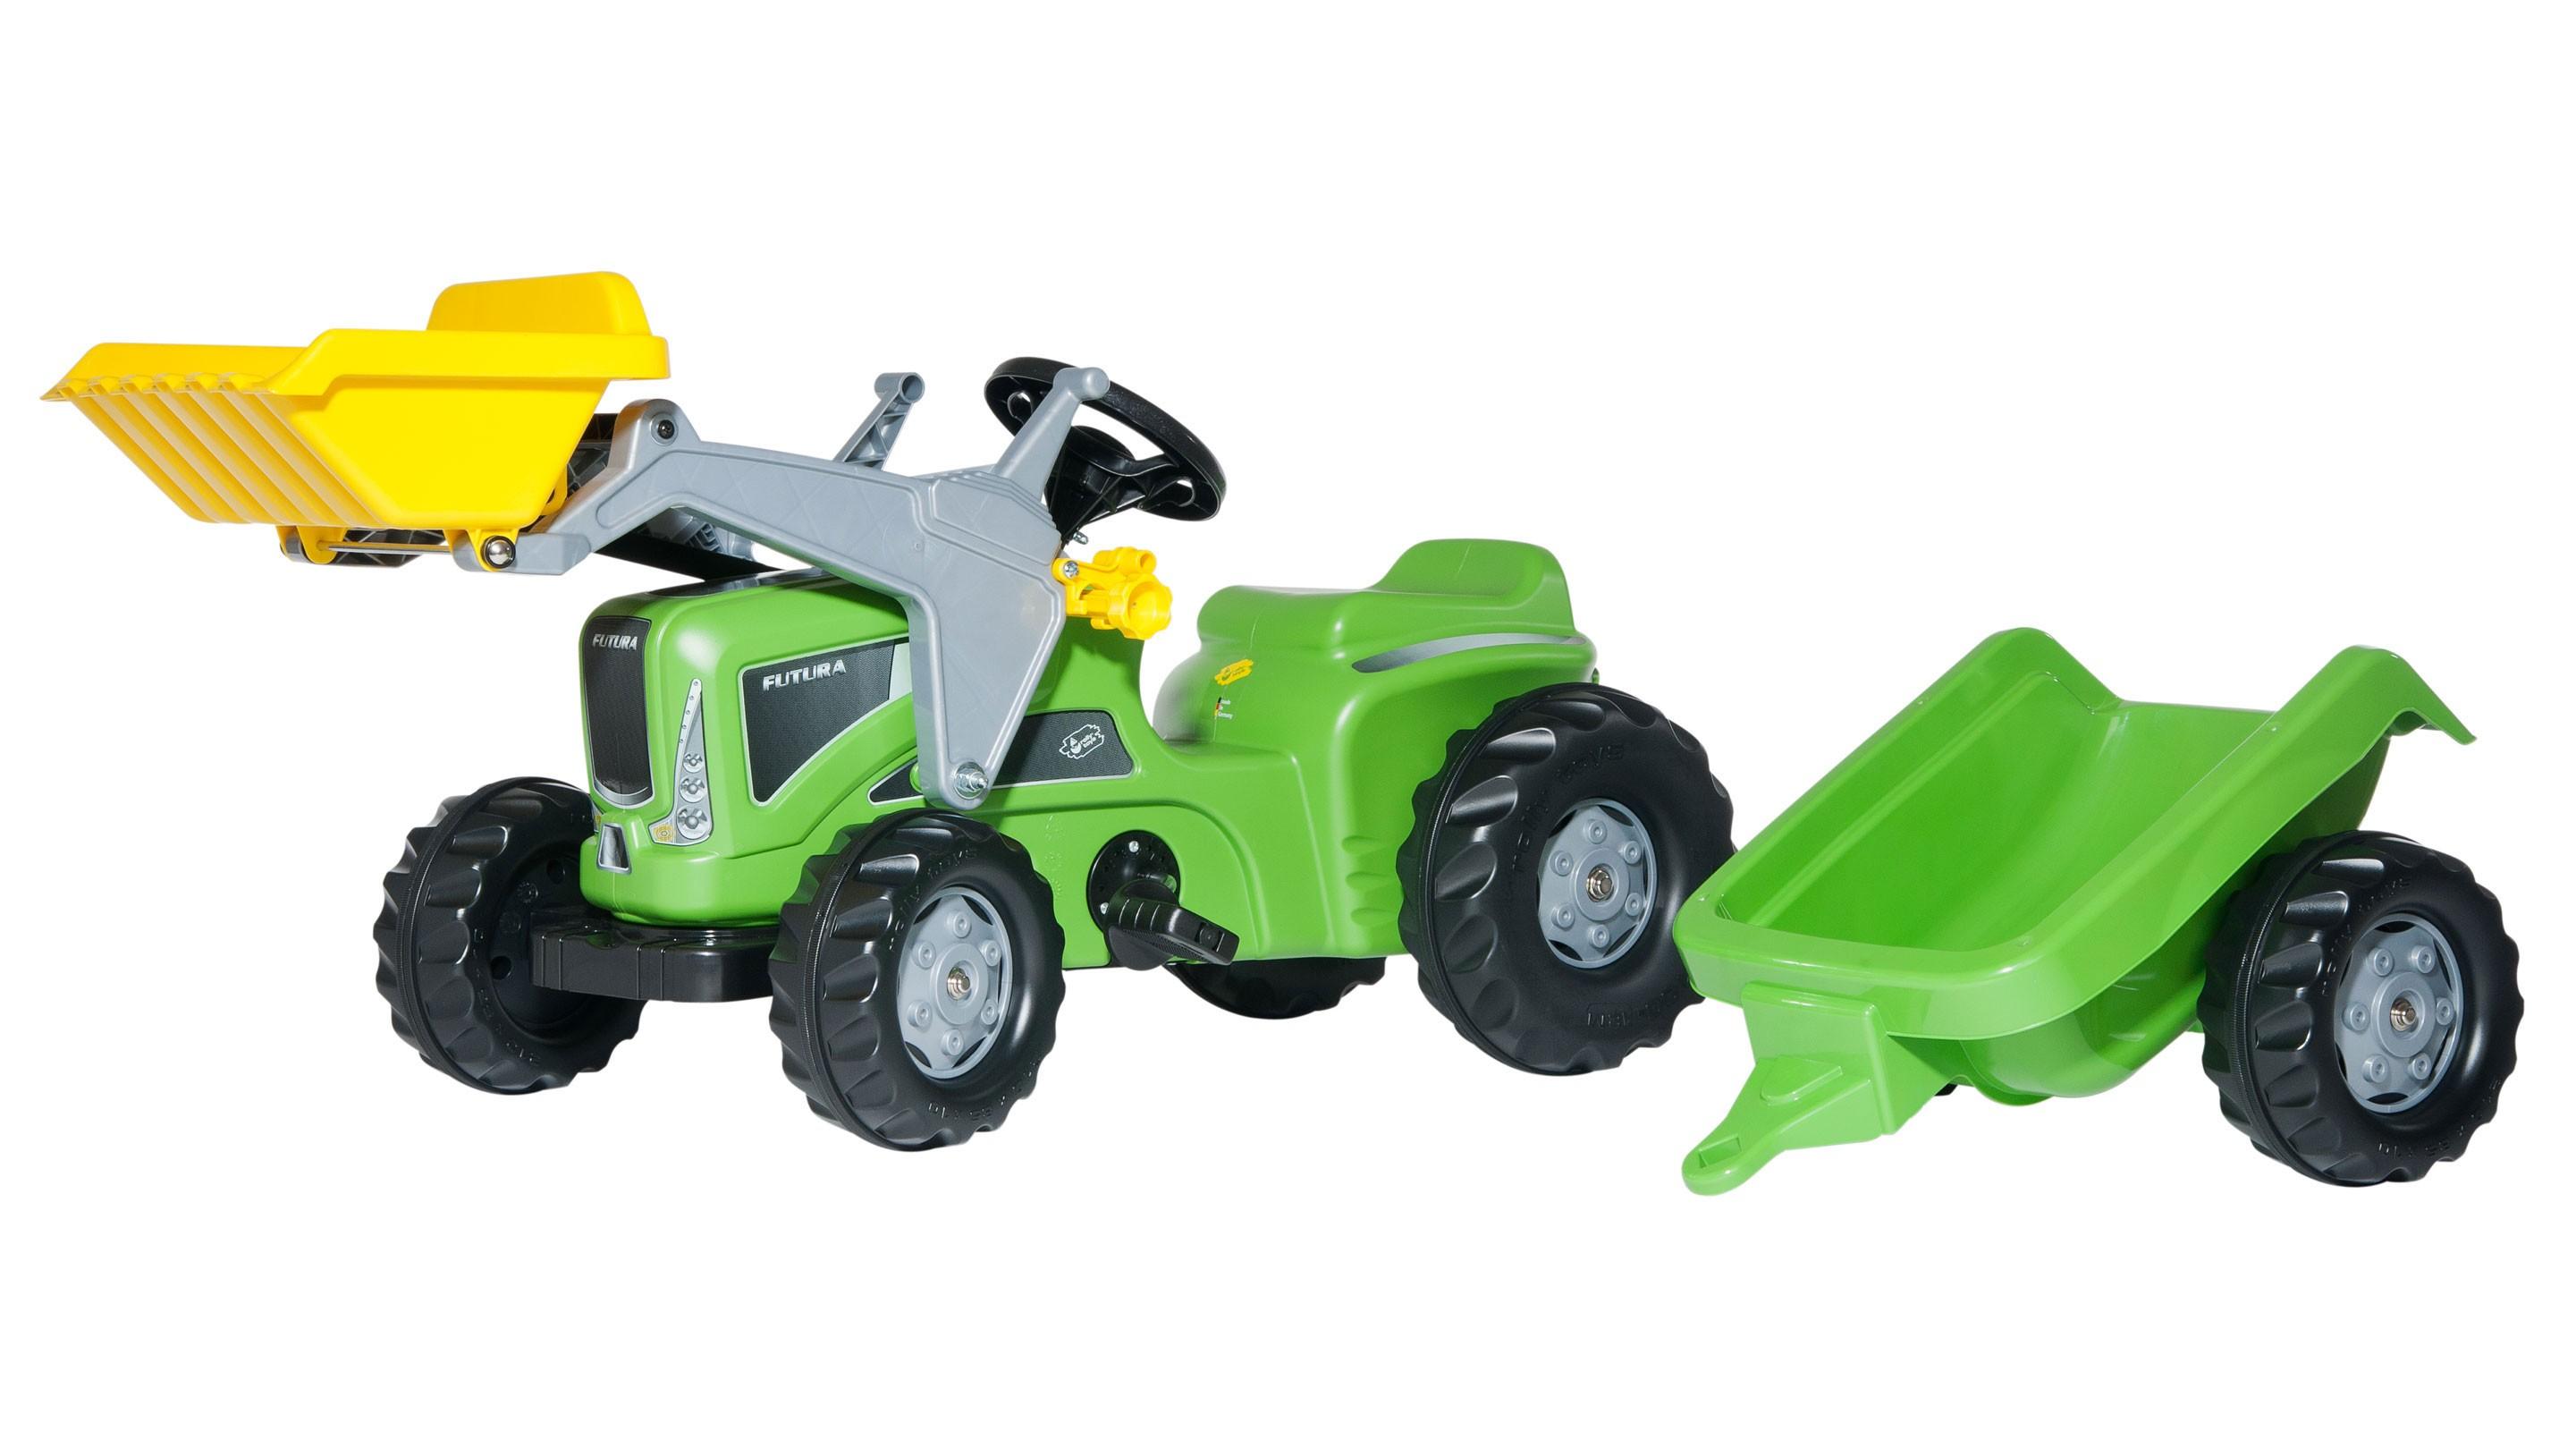 Trettraktor rolly Kiddy Futura mit Frontlader + Anhänger - Rolly Toys Bild 1